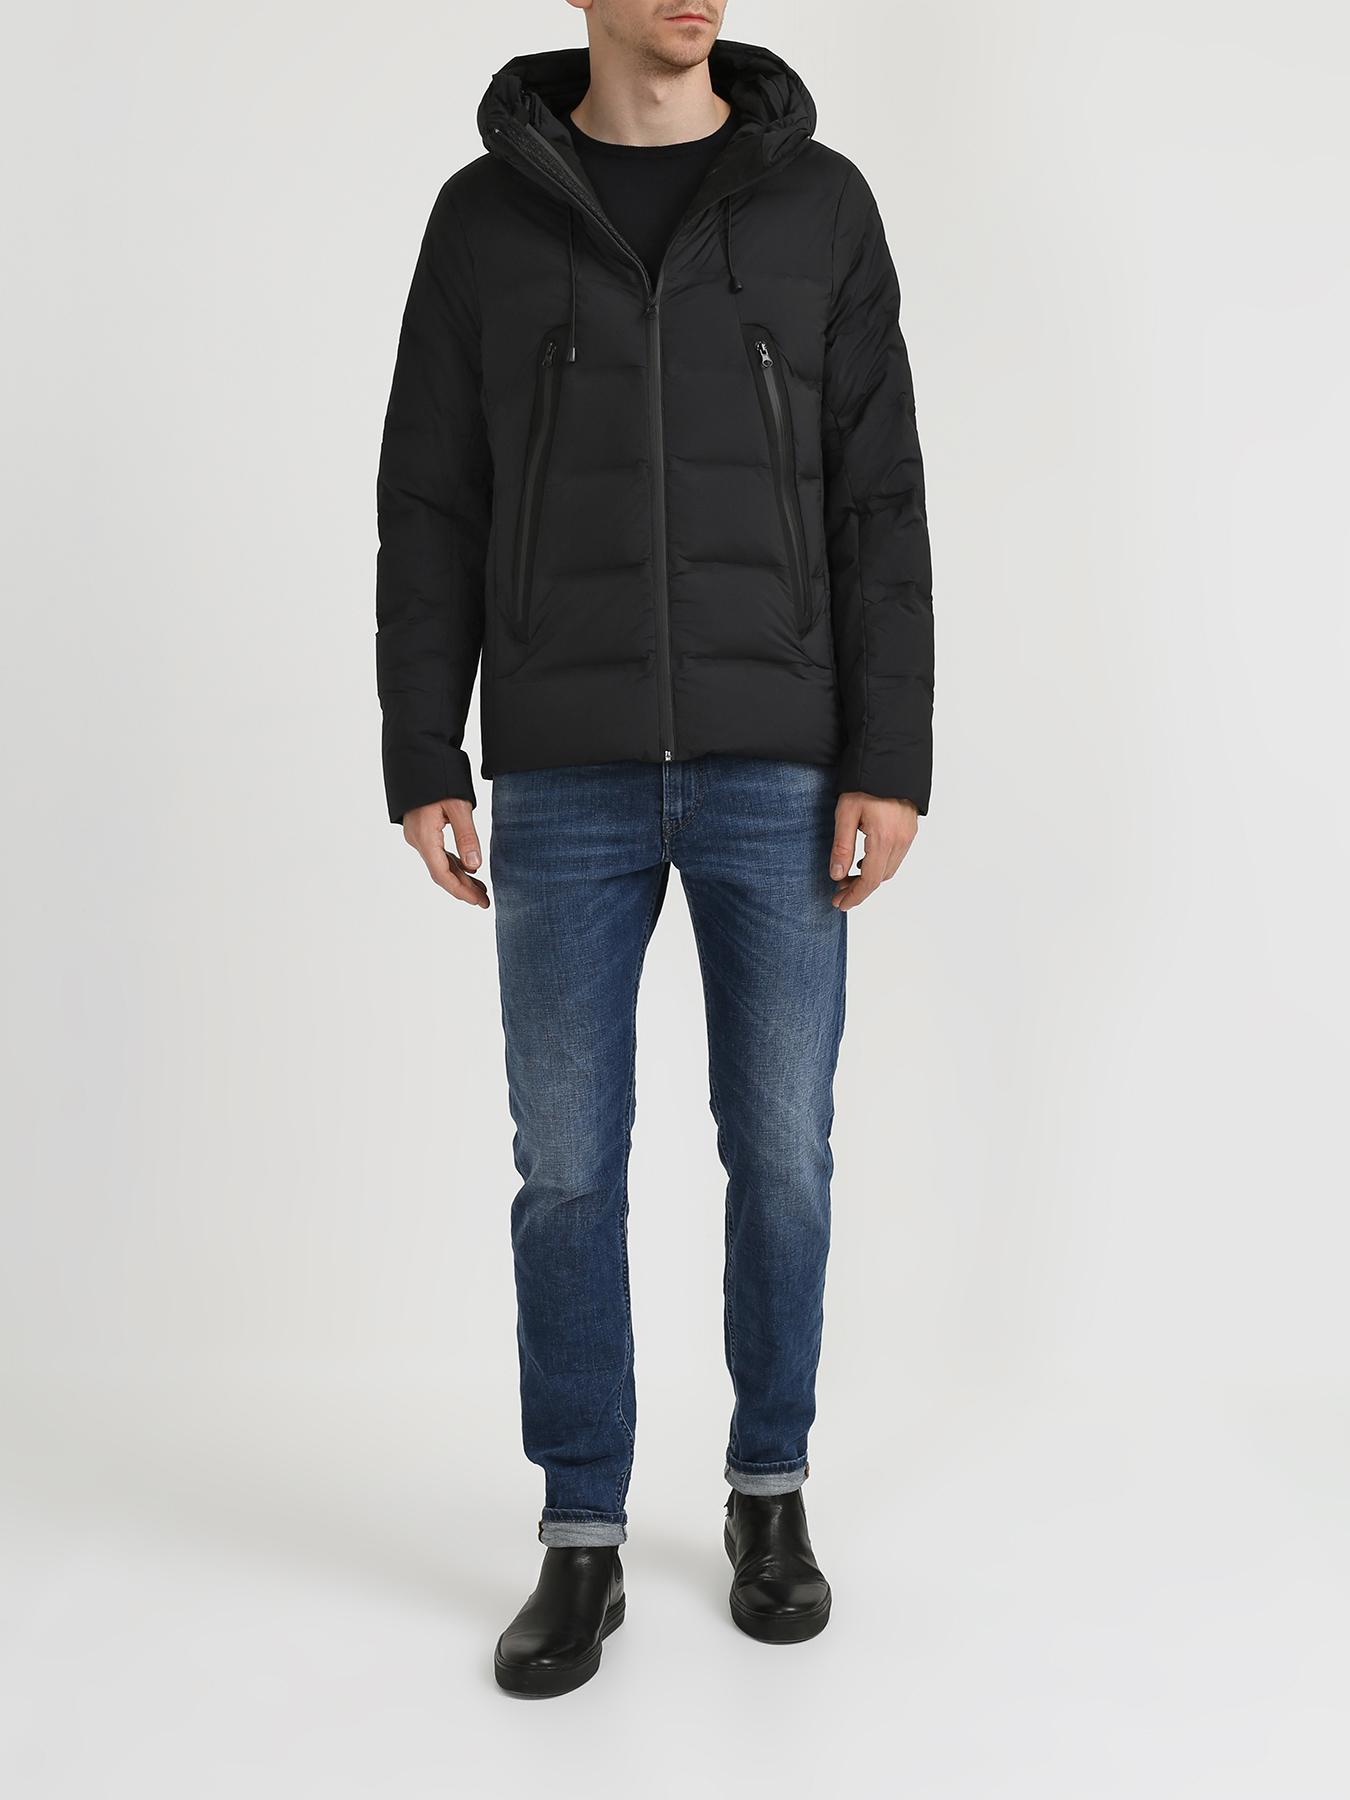 Куртка Ritter Куртка с капюшоном